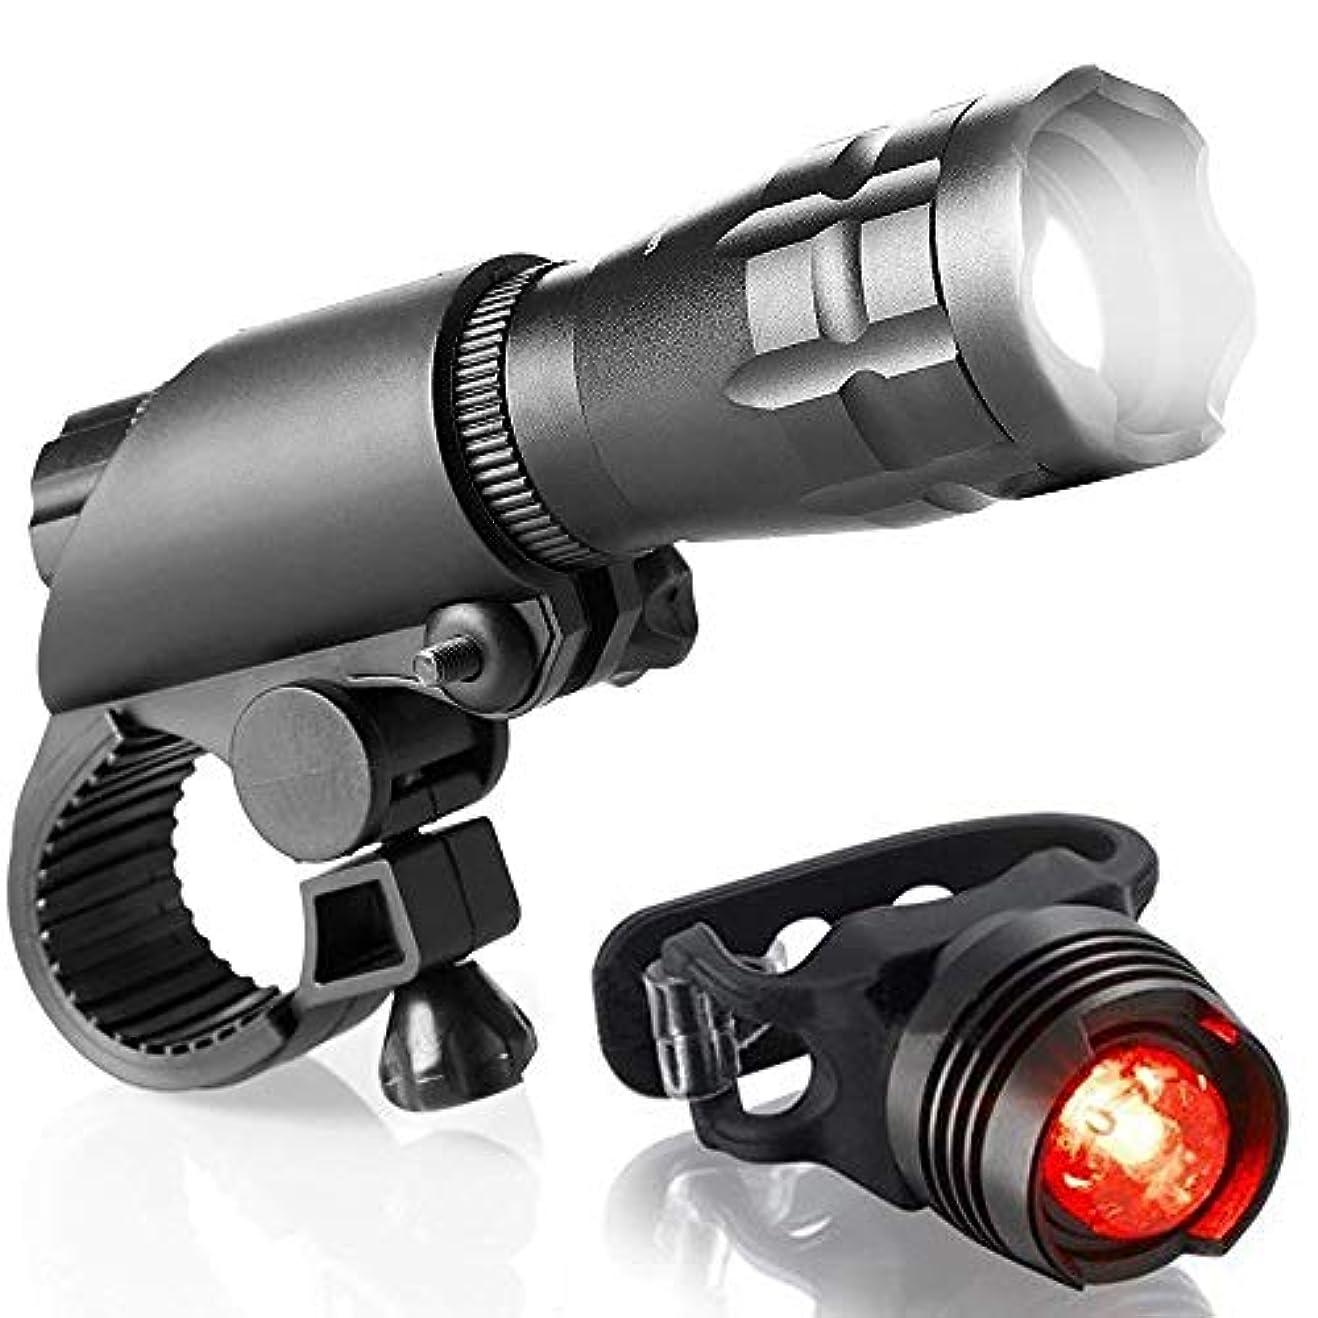 ドラッグ立派な前述の自転車製品 ズームグレア防水懐中電灯セットカーのヘッドライト+テールライトを充電5Wマウンテンバイクのヘッドライト(セットファイブ) 自転車用ライト&リフレクター